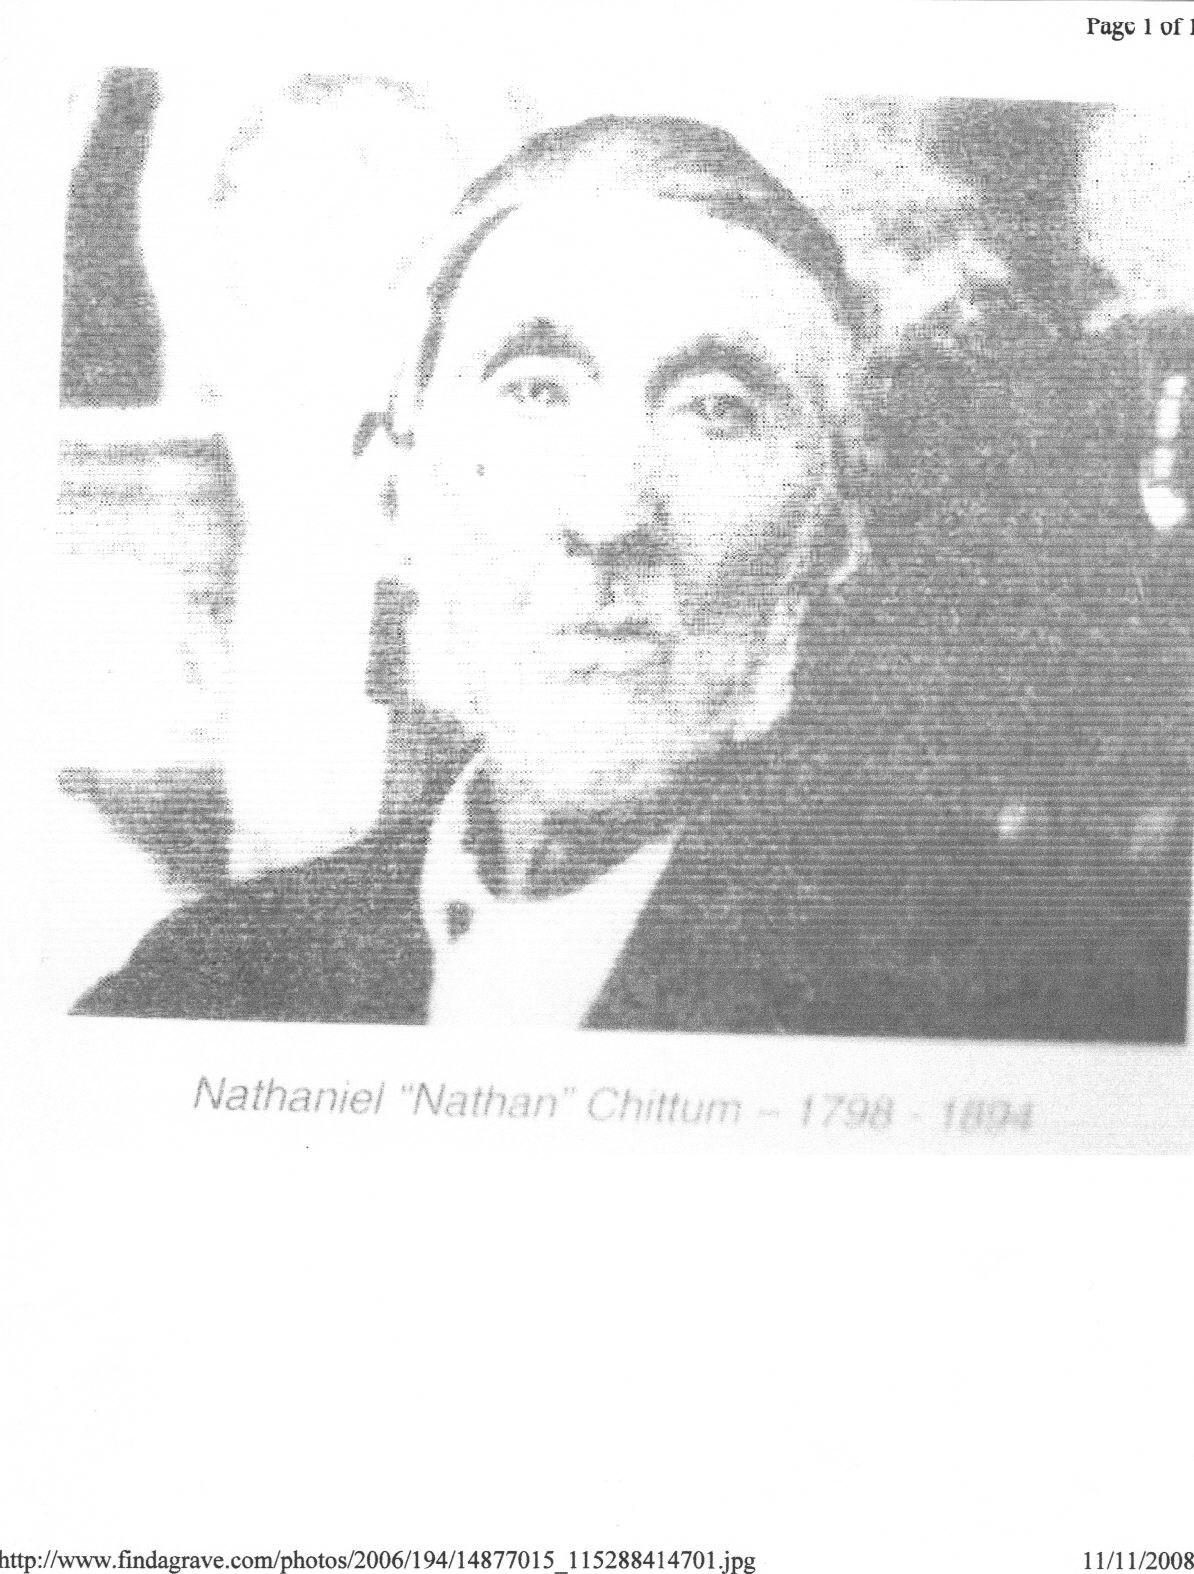 Zachariah R Chittum